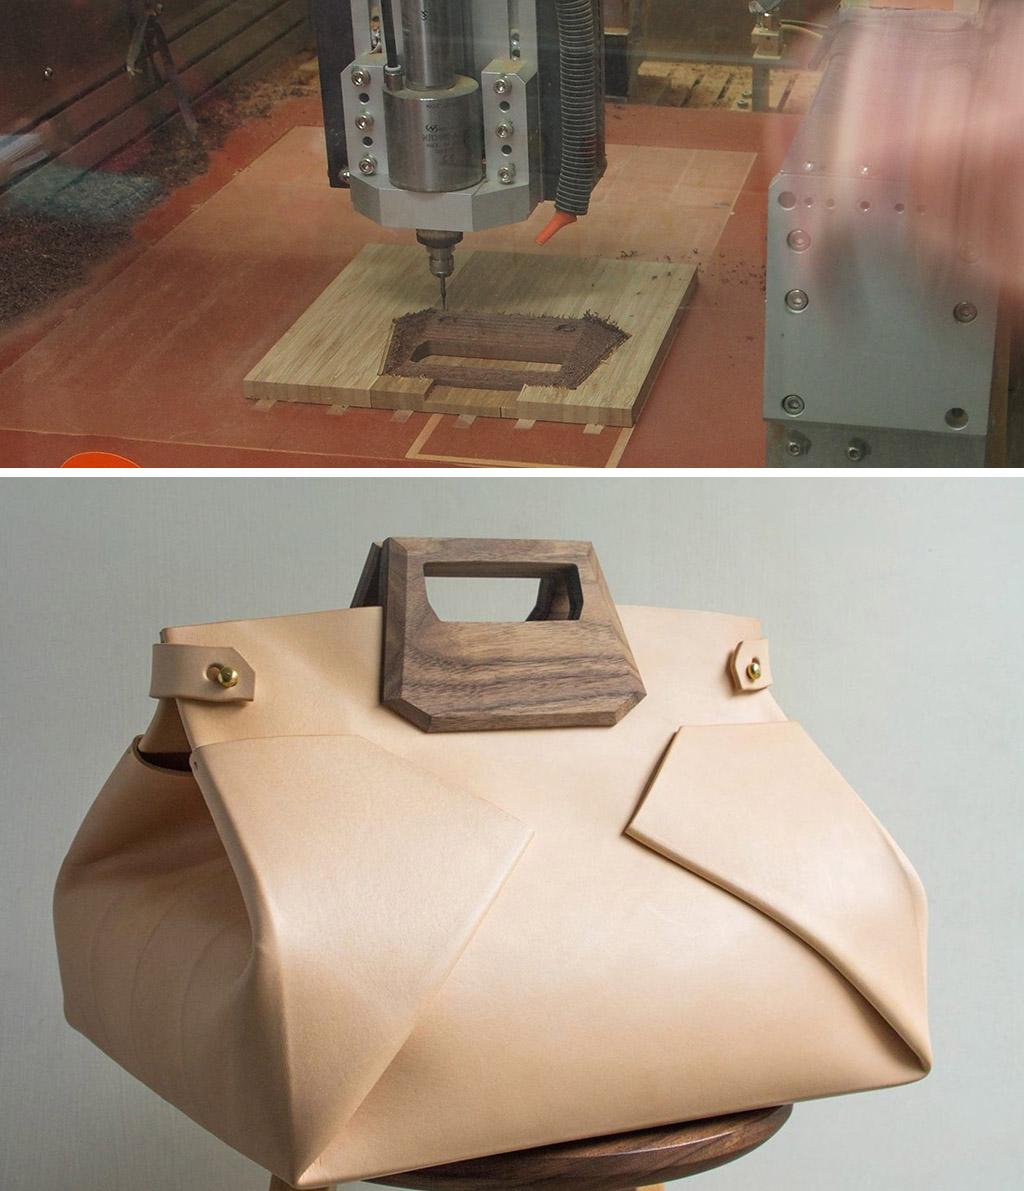 上圖為CNC加工木質手把,下圖為皮革結合木質手把的高質感作品(下圖圖片來源)